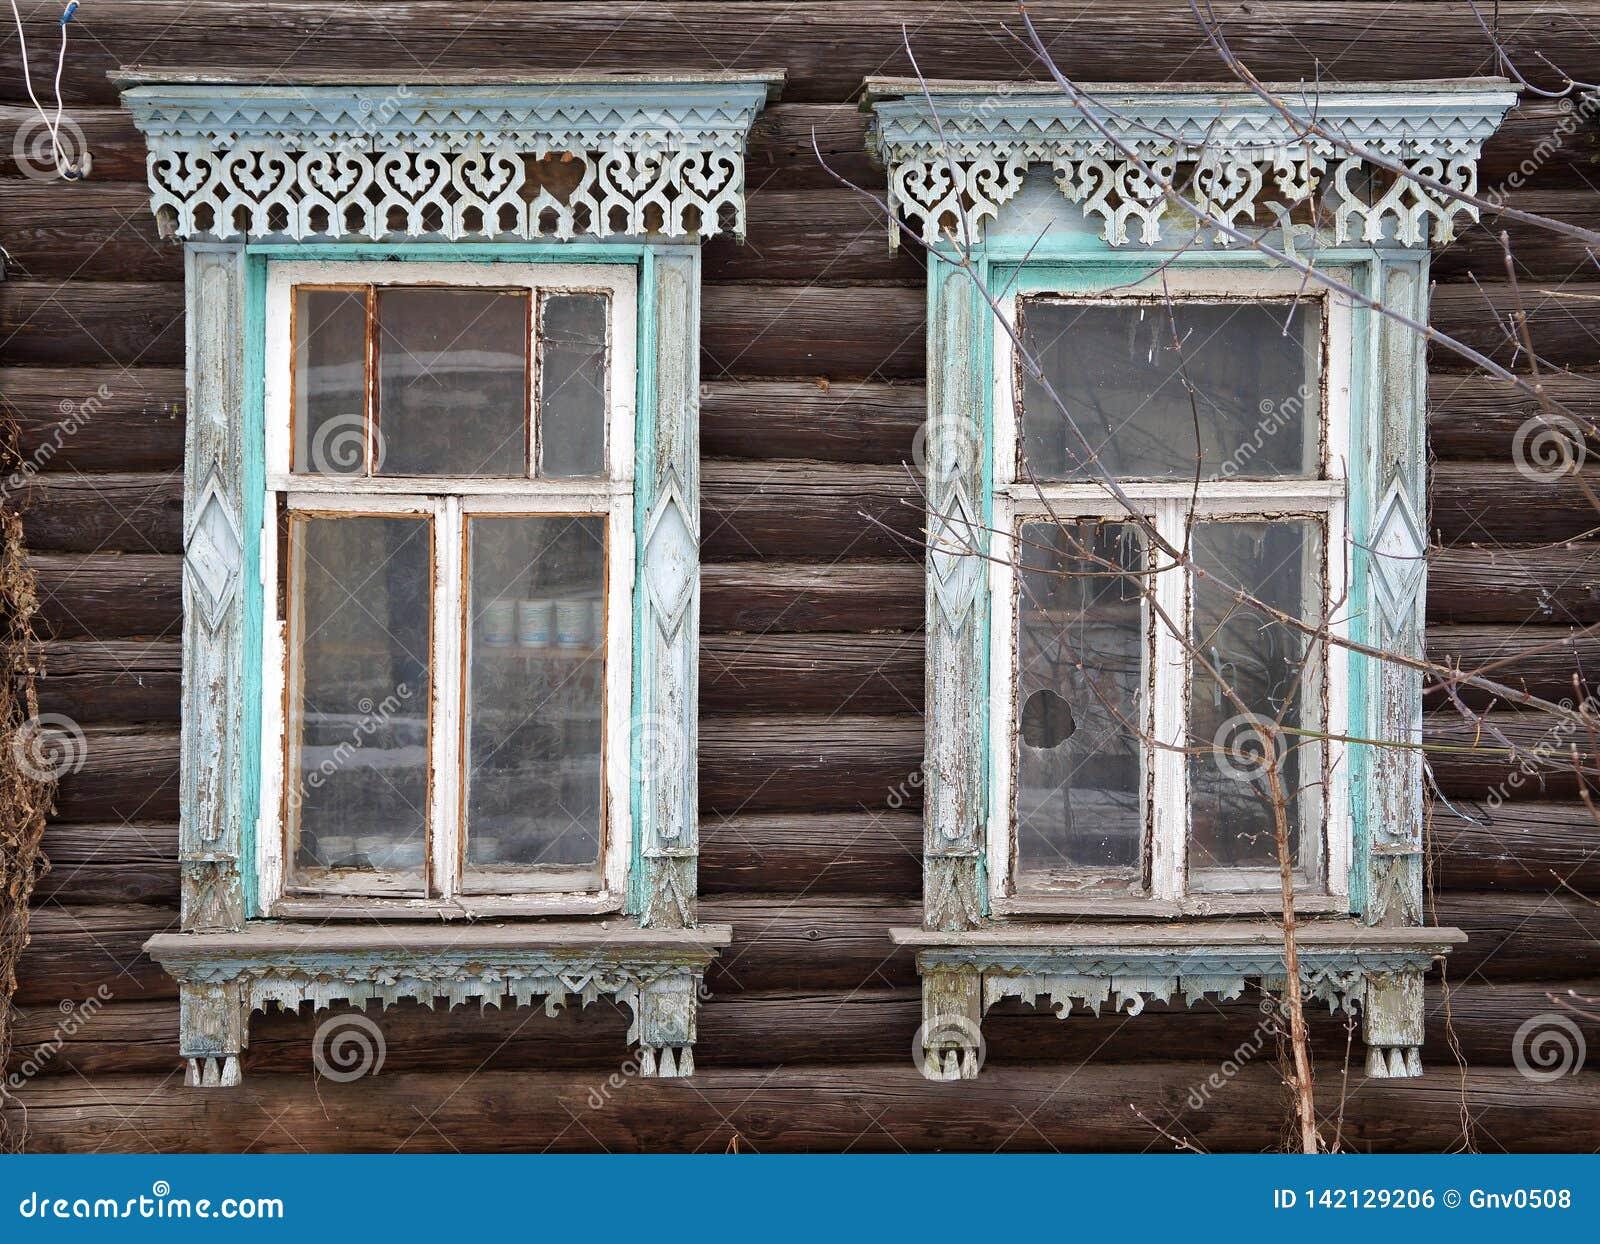 Fachada de la casa de madera vieja